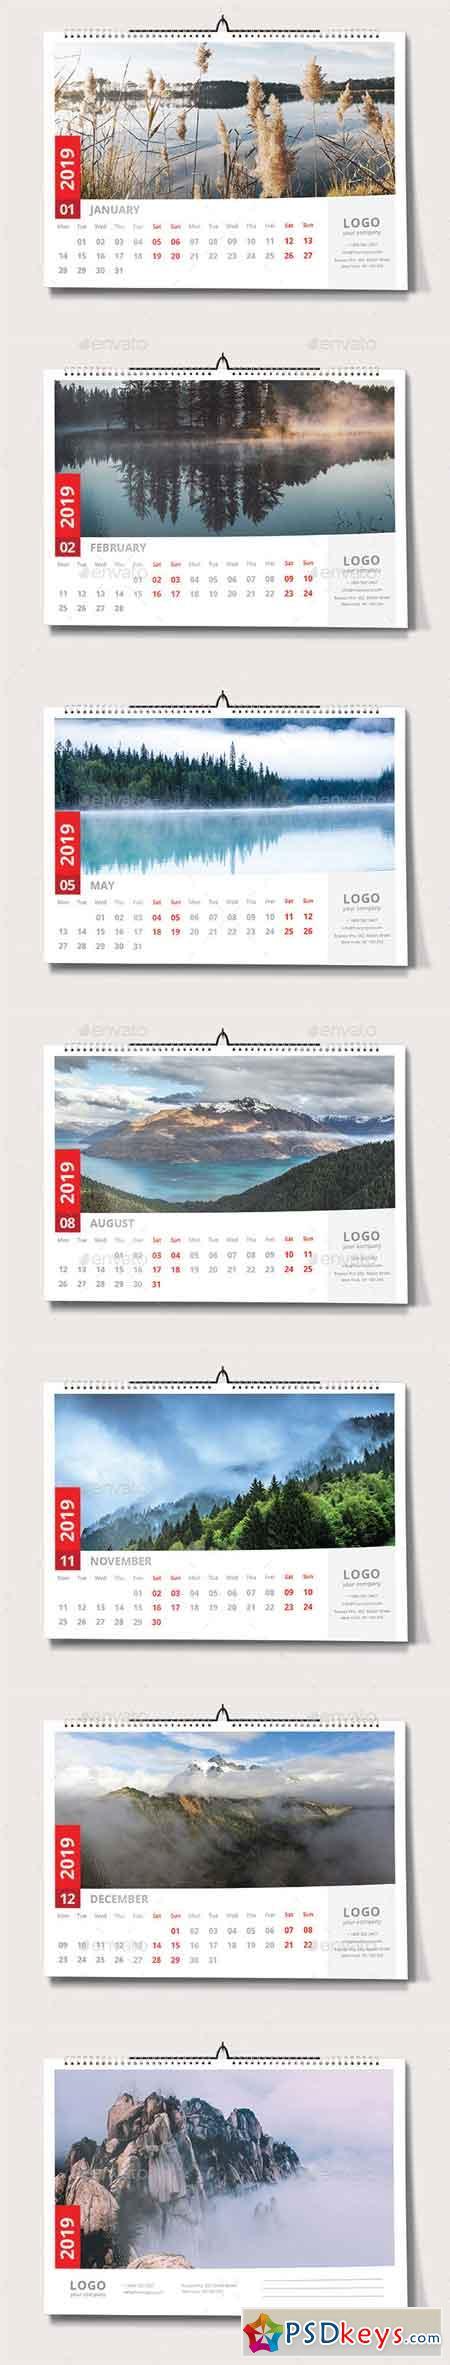 Wall Calendar 2019 22929678